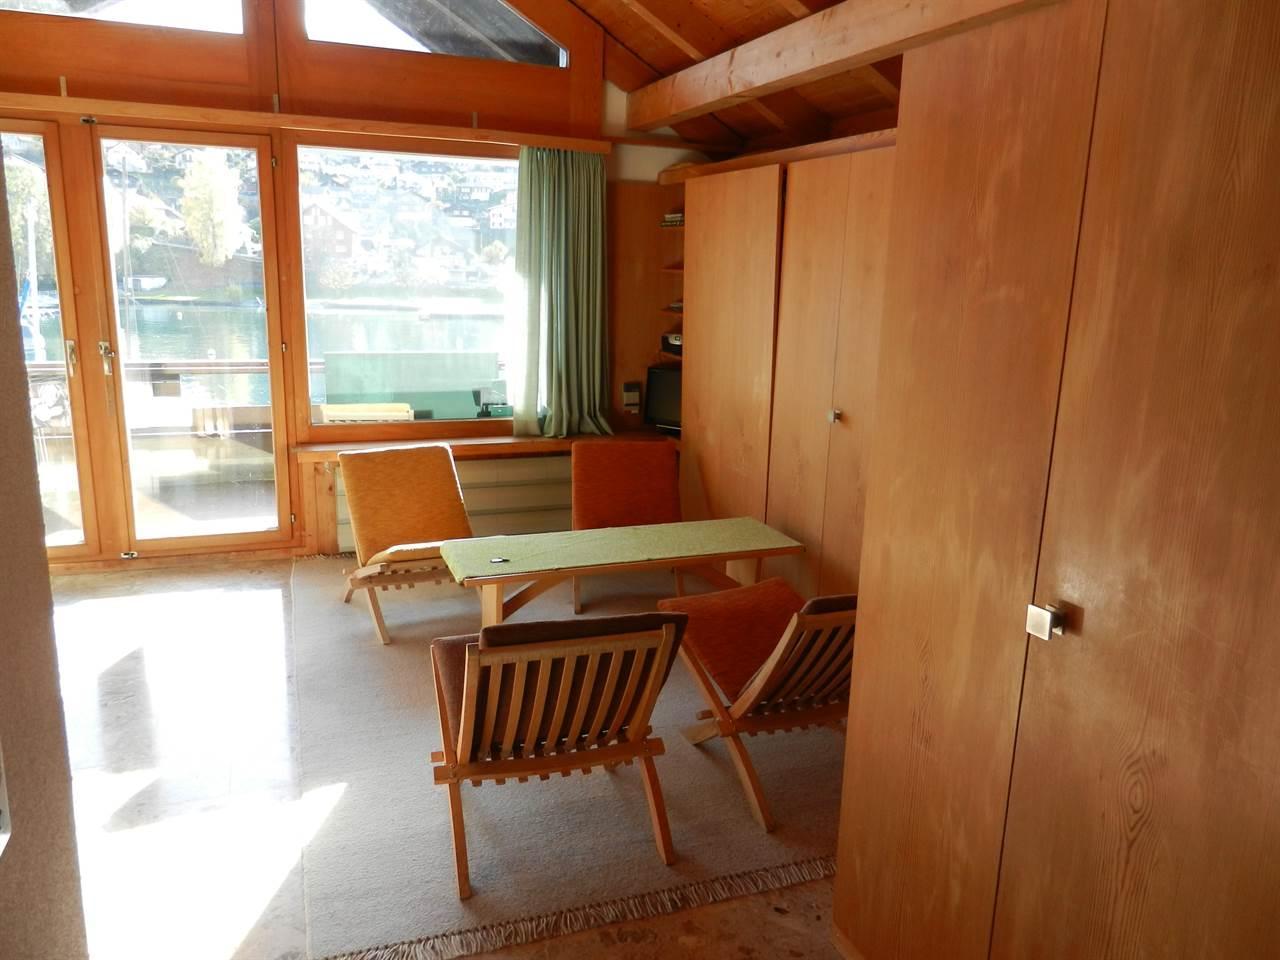 Wohnzimmer mit zwei Wandklappbetten